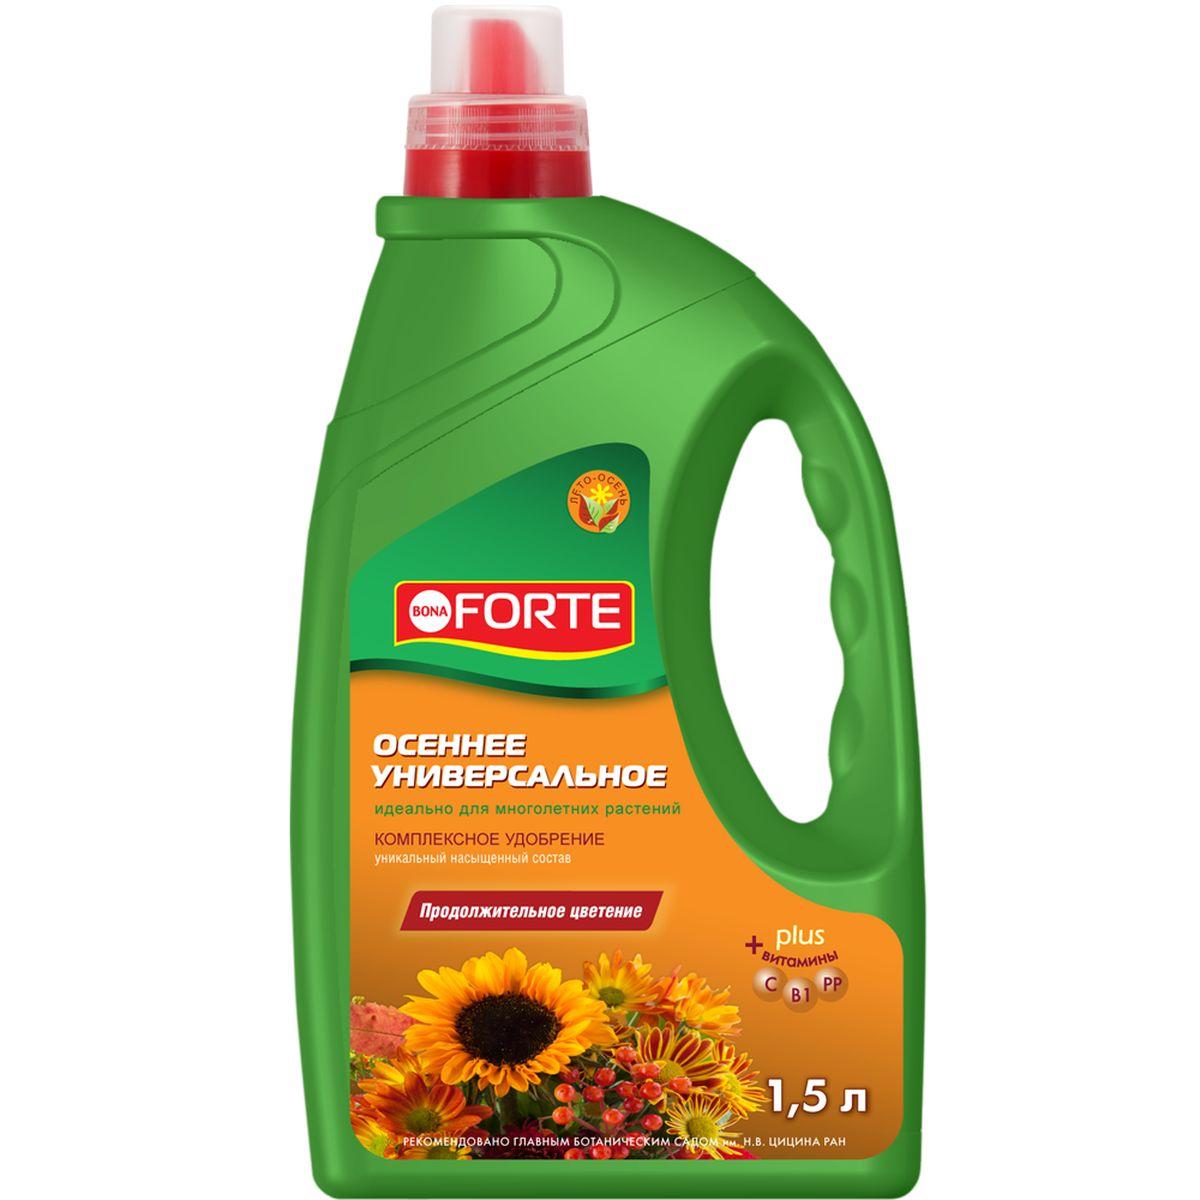 Жидкое комплексное удобрение Bona Forte, универсальное осеннее, 1,5 лBF-21-04-016-1Жидкое комплексное осеннее универсальное удобрение Bona Forte предназначено для декоративных кустарников и многолетних растений открытого грунта. Обеспечивает продолжительное цветение. Имеет в составе все необходимые микроэлементы.Состав: азот 0%, фосфор 7%, калий 5%, магний 0,3%, железо 0,005%, марганец 0,005%, бор 0,002%, цинк 0,002%, медь 0,0004%, молибден 0,0004%, кобальт 0,0002%; биологически активные вещества: витамины (С, В1, РР) и янтарная кислота.Товар сертифицирован.